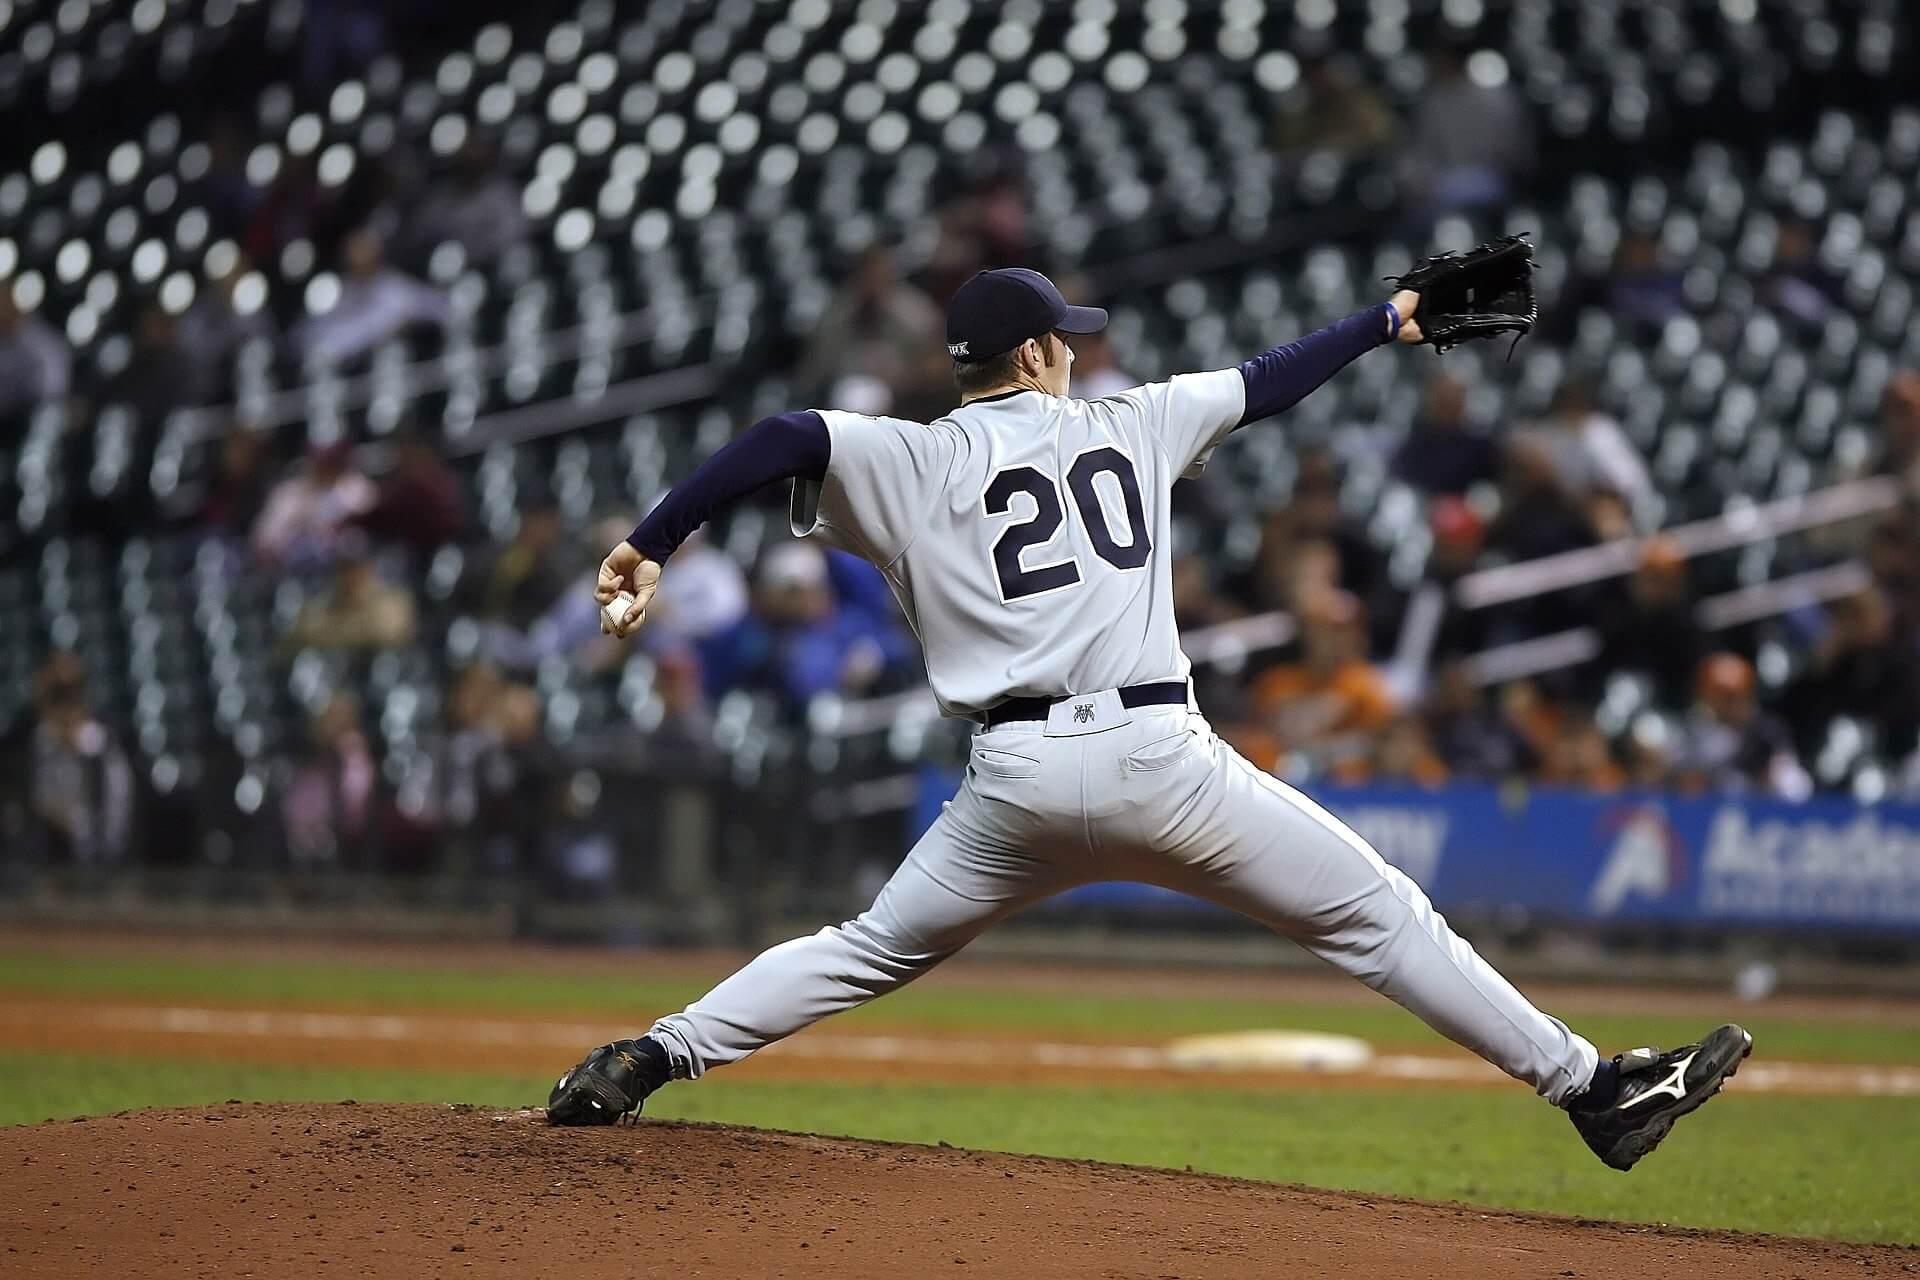 野球選手に投球後のアイシングは必要?効果的なアイシングの活用法